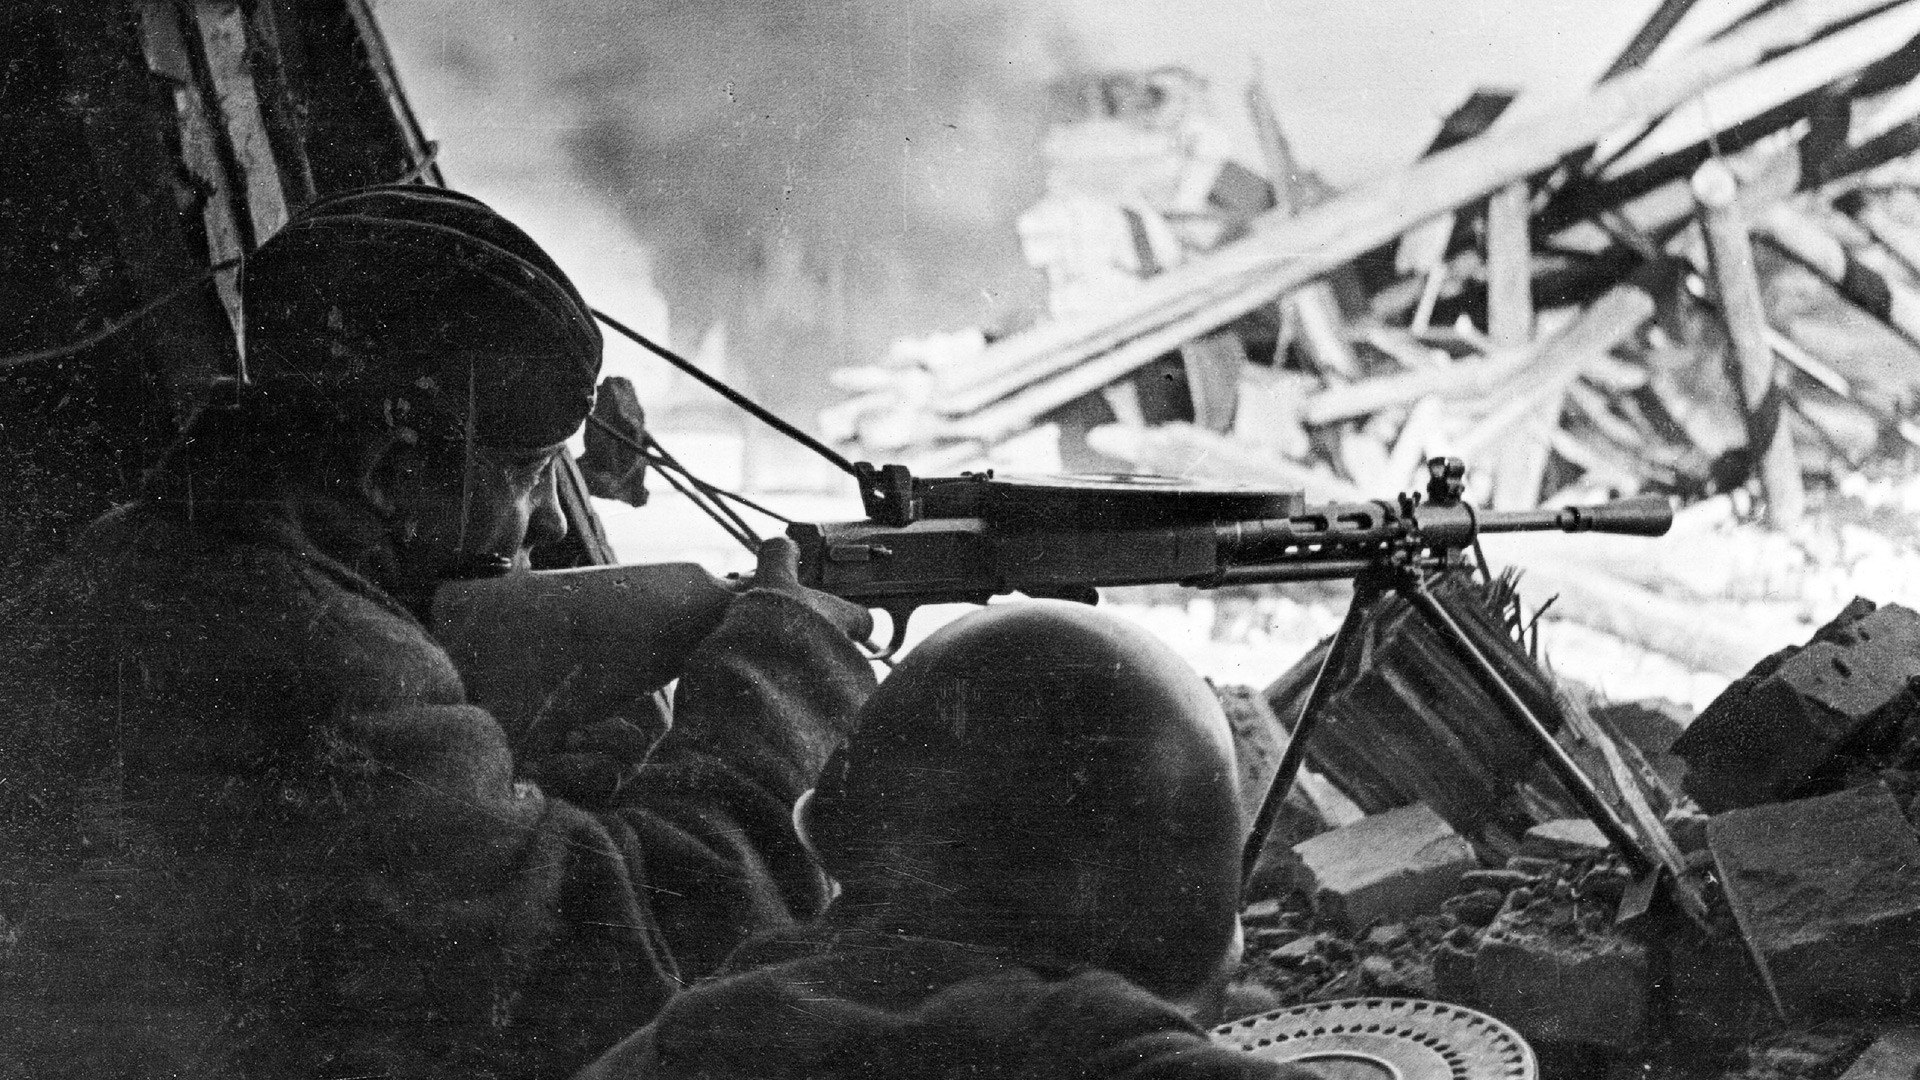 Des soldats soviétiques tirent sur les nazis qui s'étaient barricadés dans des bâtiments à la périphérie de la ville